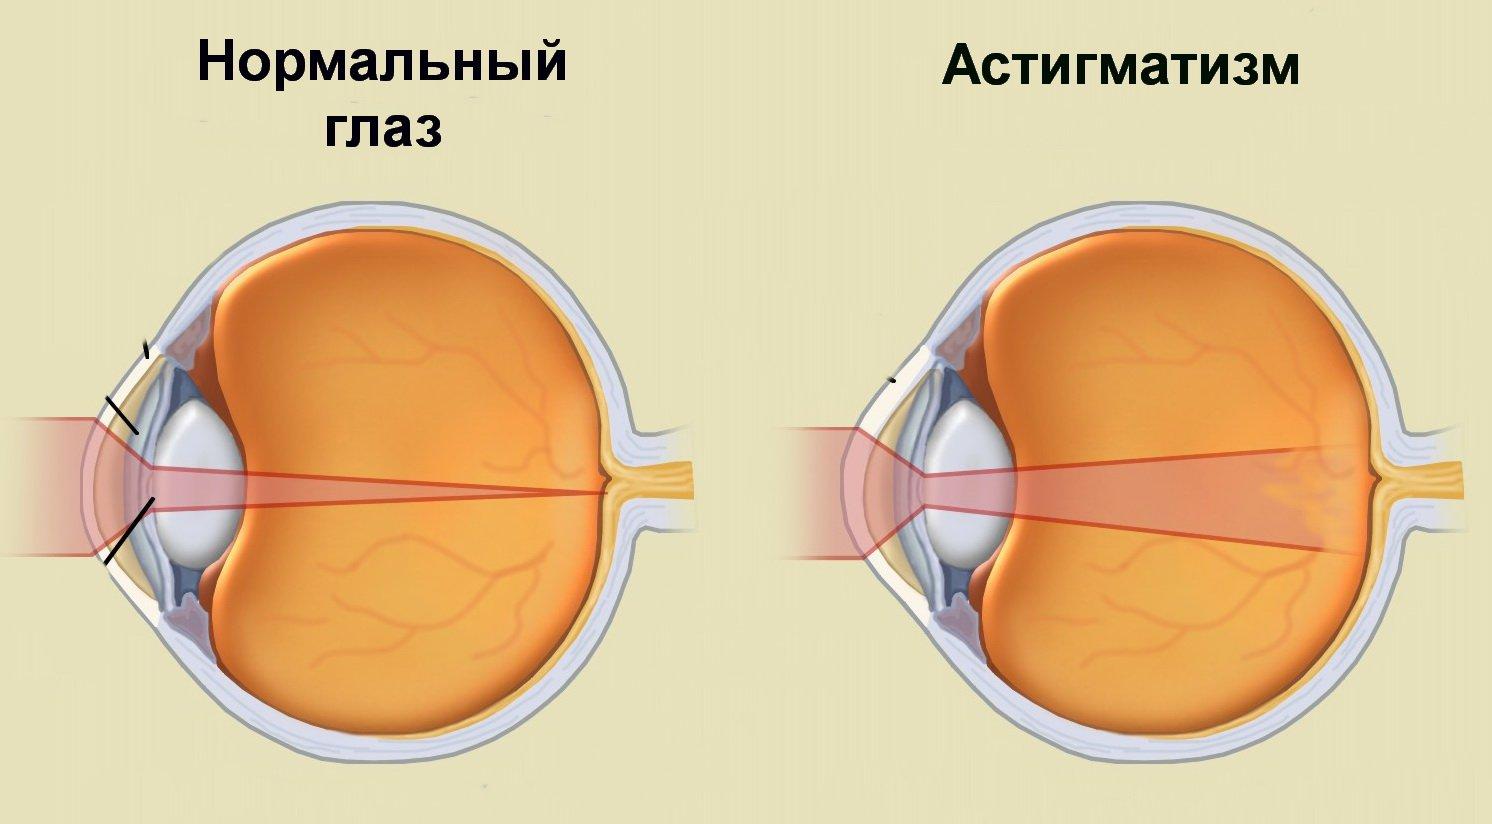 A látás helyreállításának módszerei a myopiában - Hörghurut